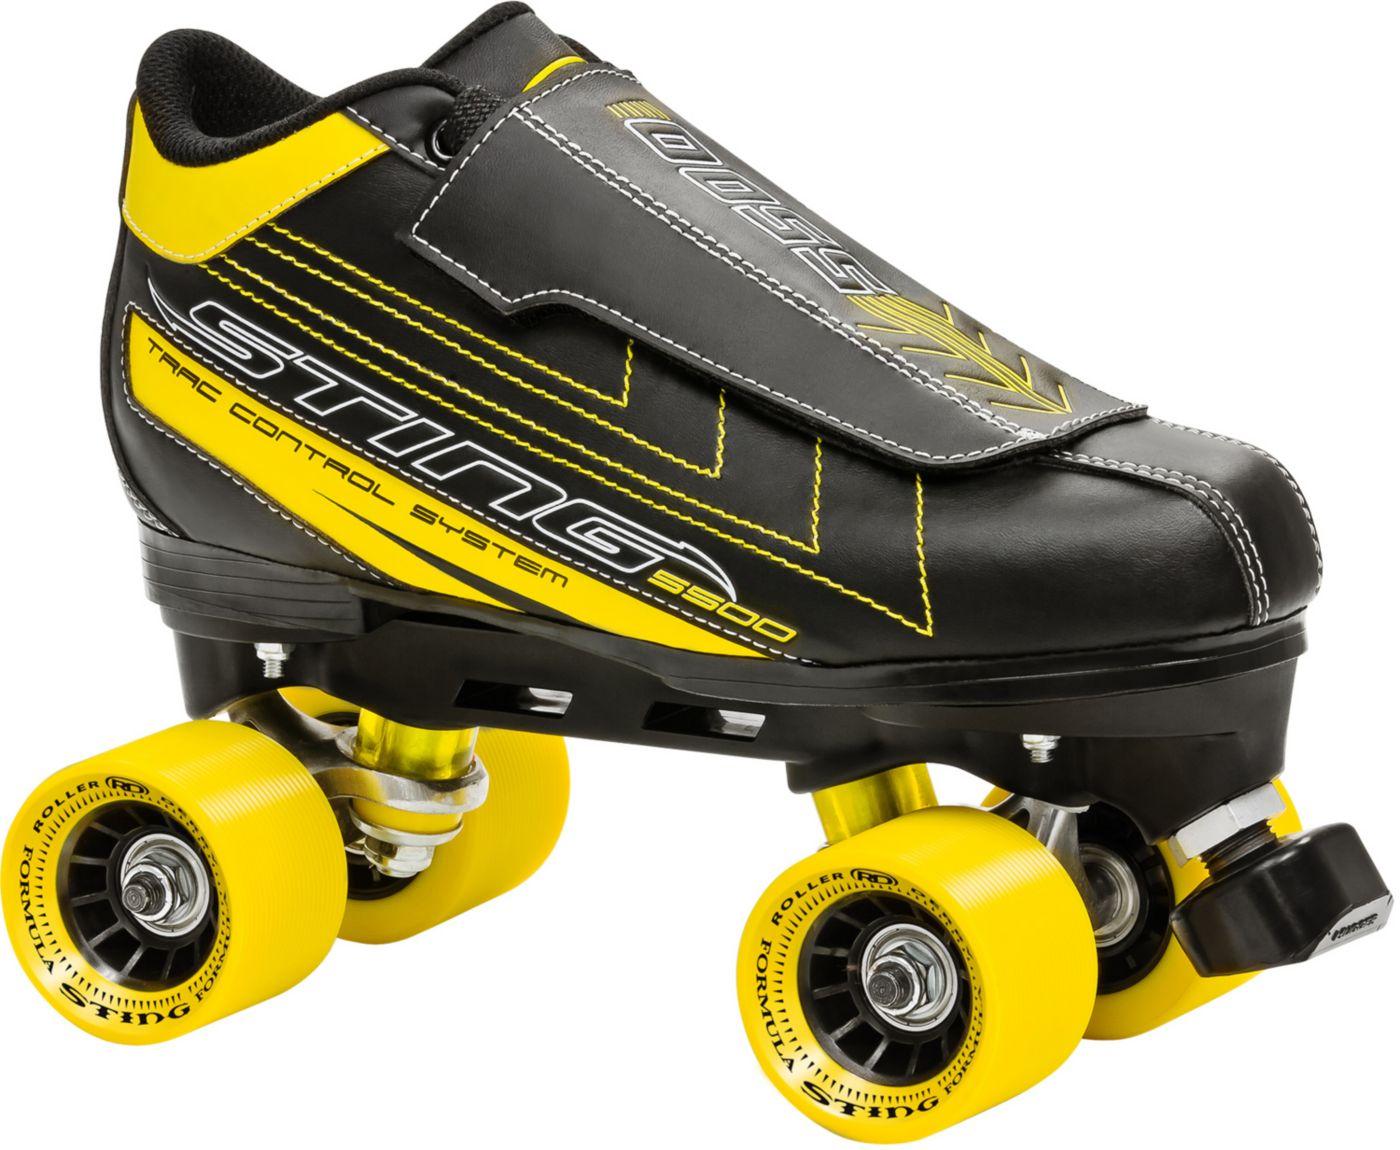 Roller Derby Men's Sting 5500 Roller Skates